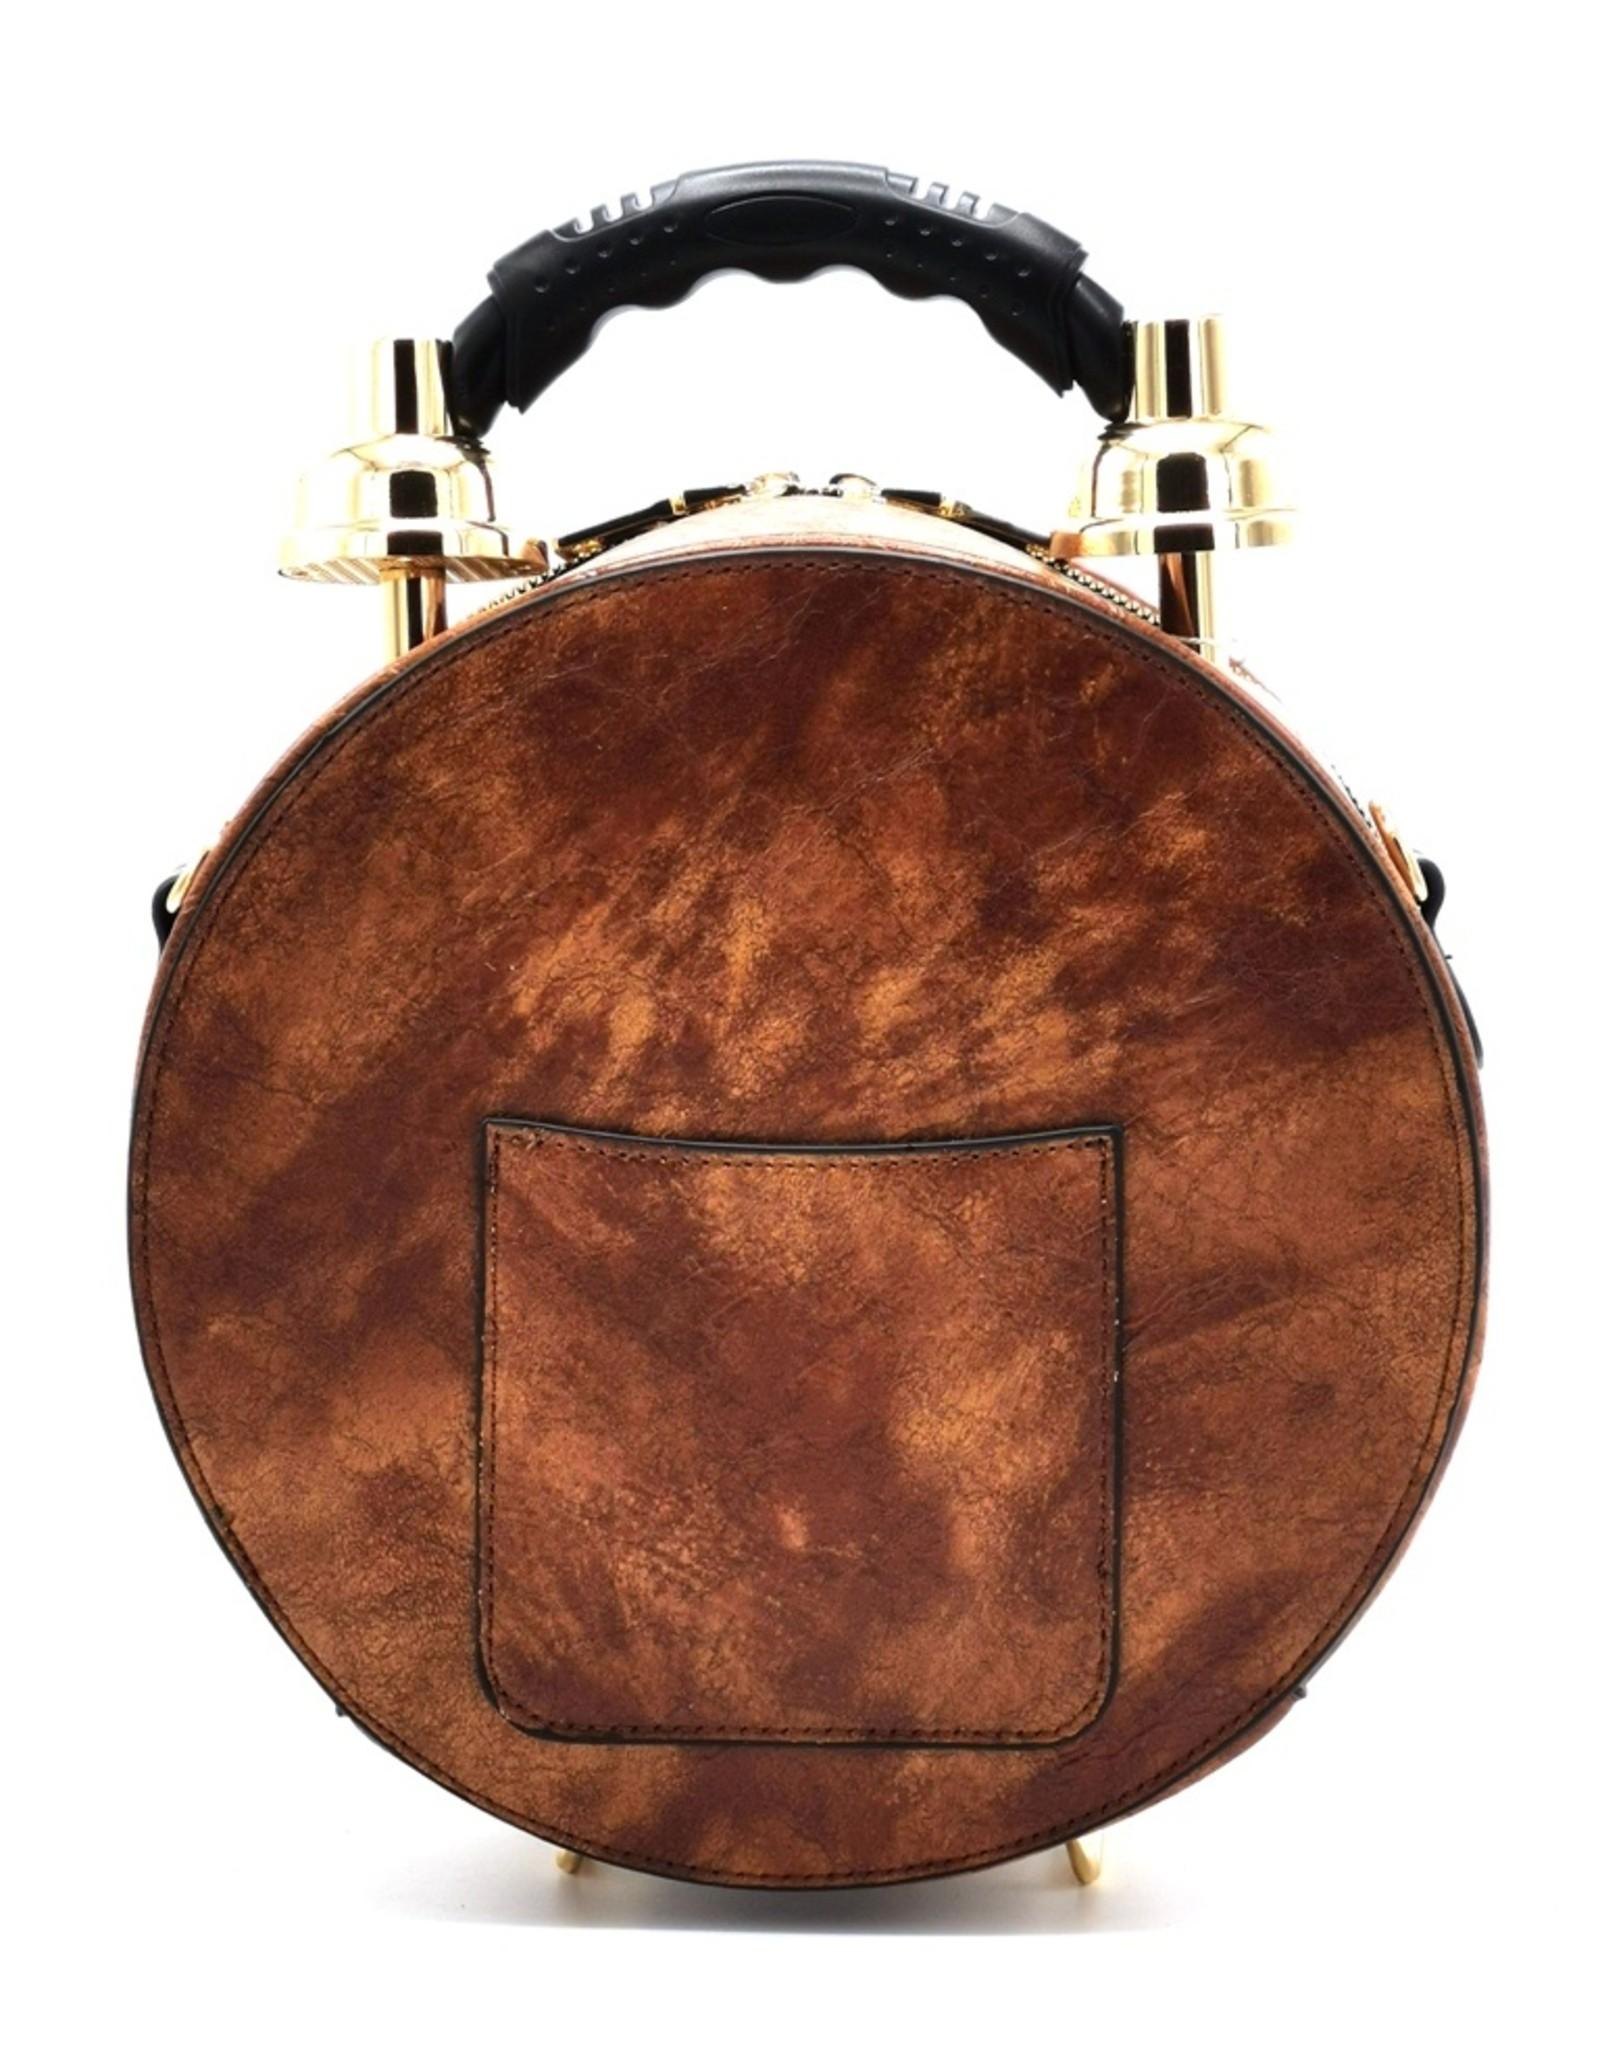 Magic Bags Fantasy tassen en portemonnees - Handtas met Echte Klok lichtbruin (medium)